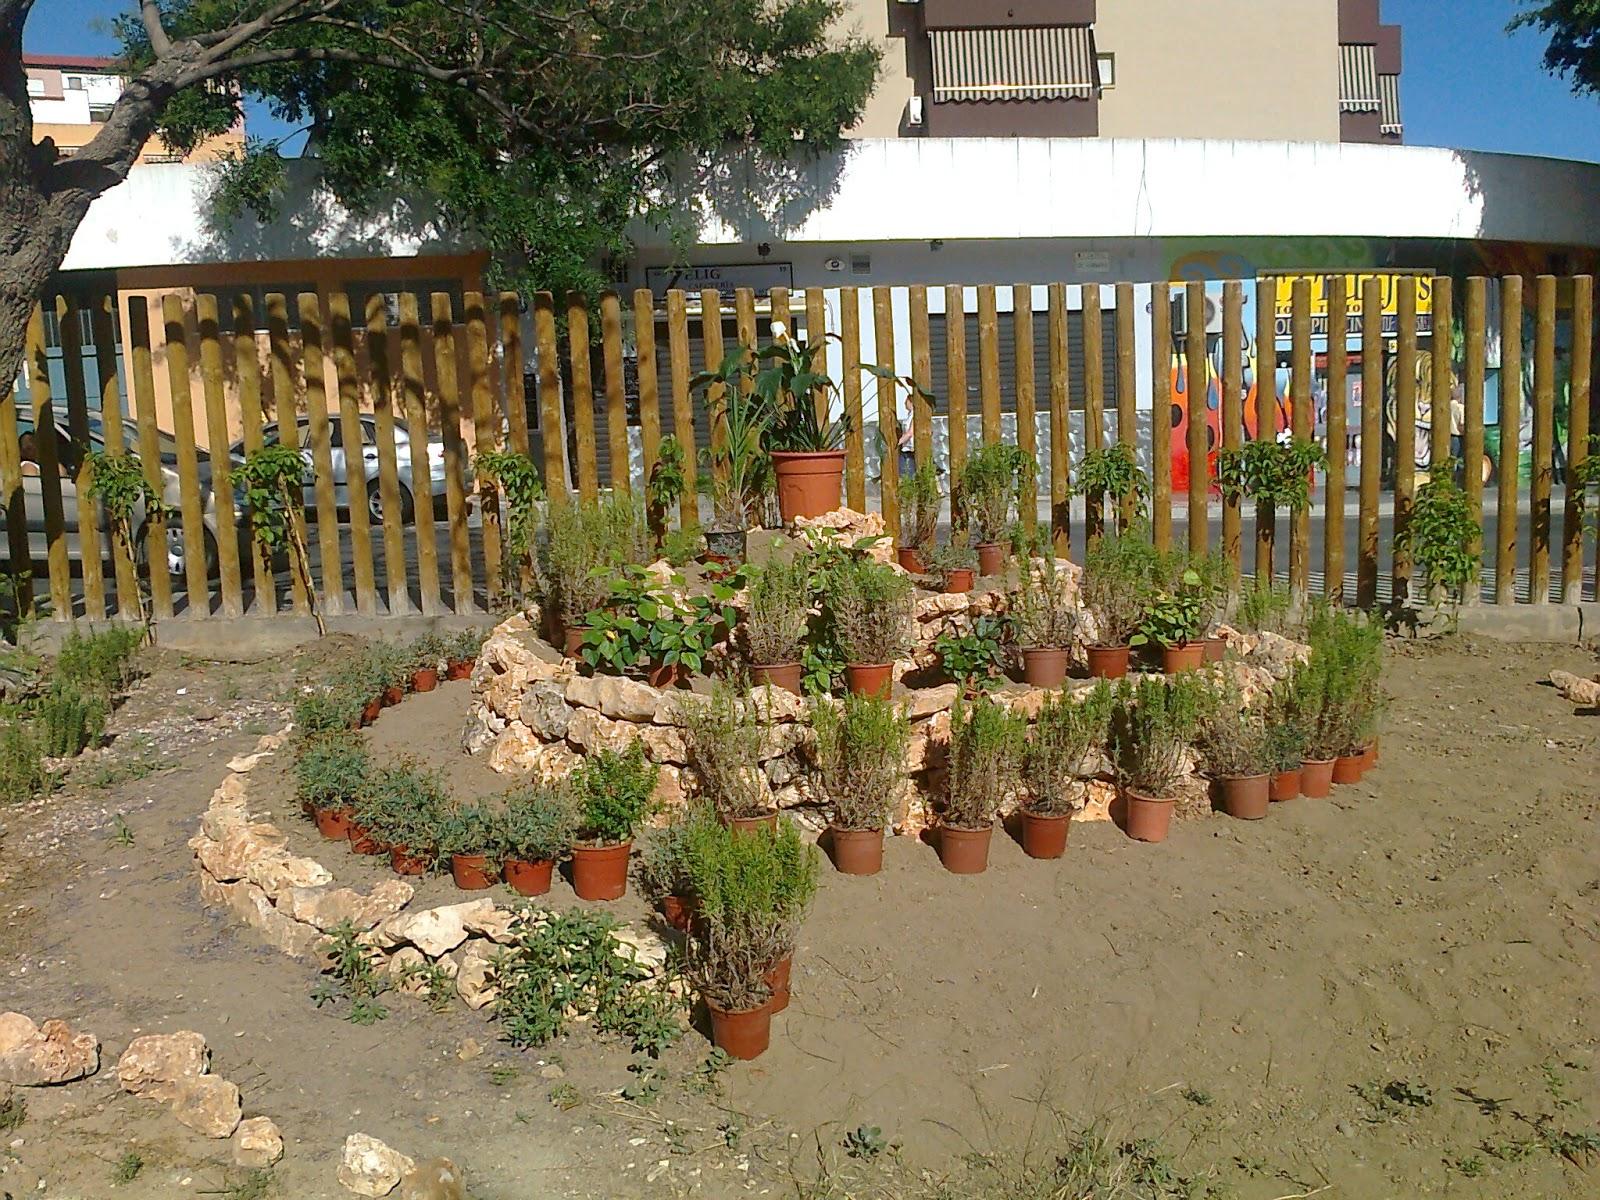 Jard n ecol gico carril de gamarra memoria de actividades for Actividades para jardin